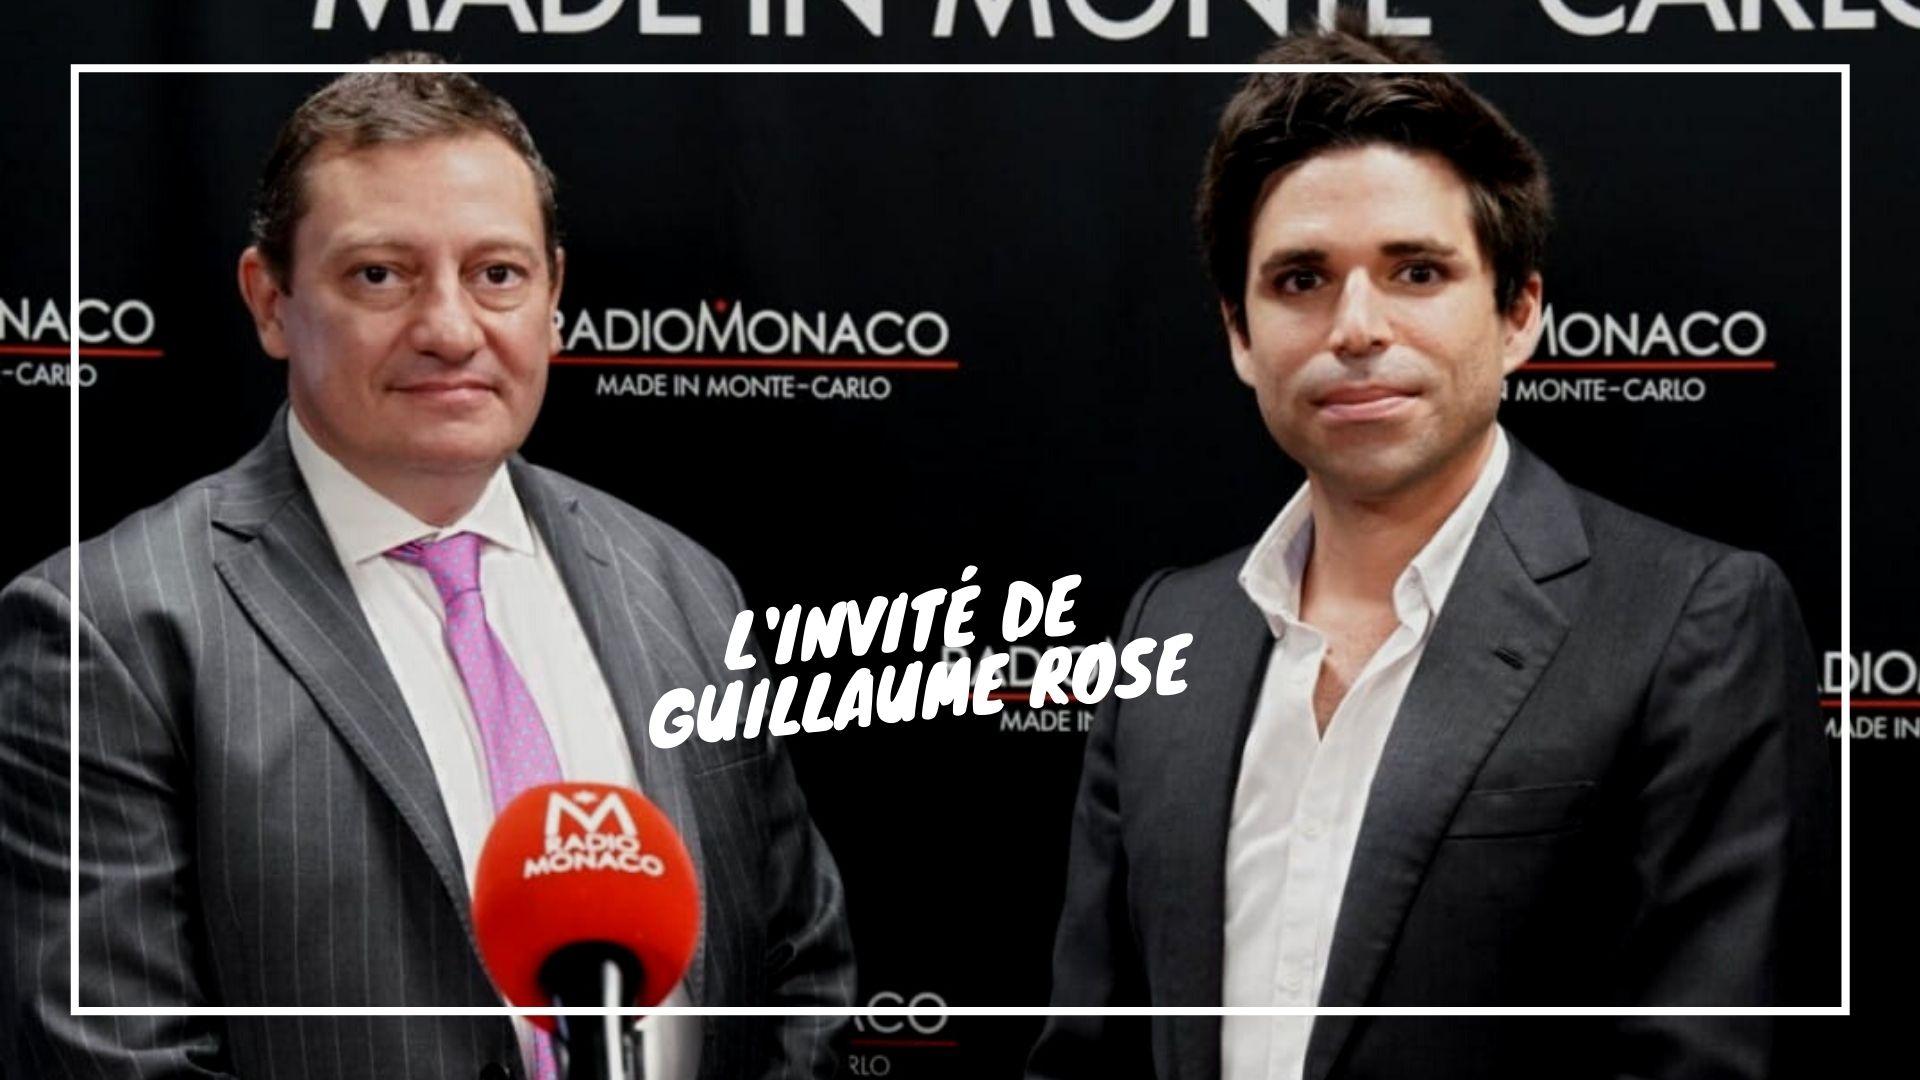 Guillaume Rose et Siamp Cedap